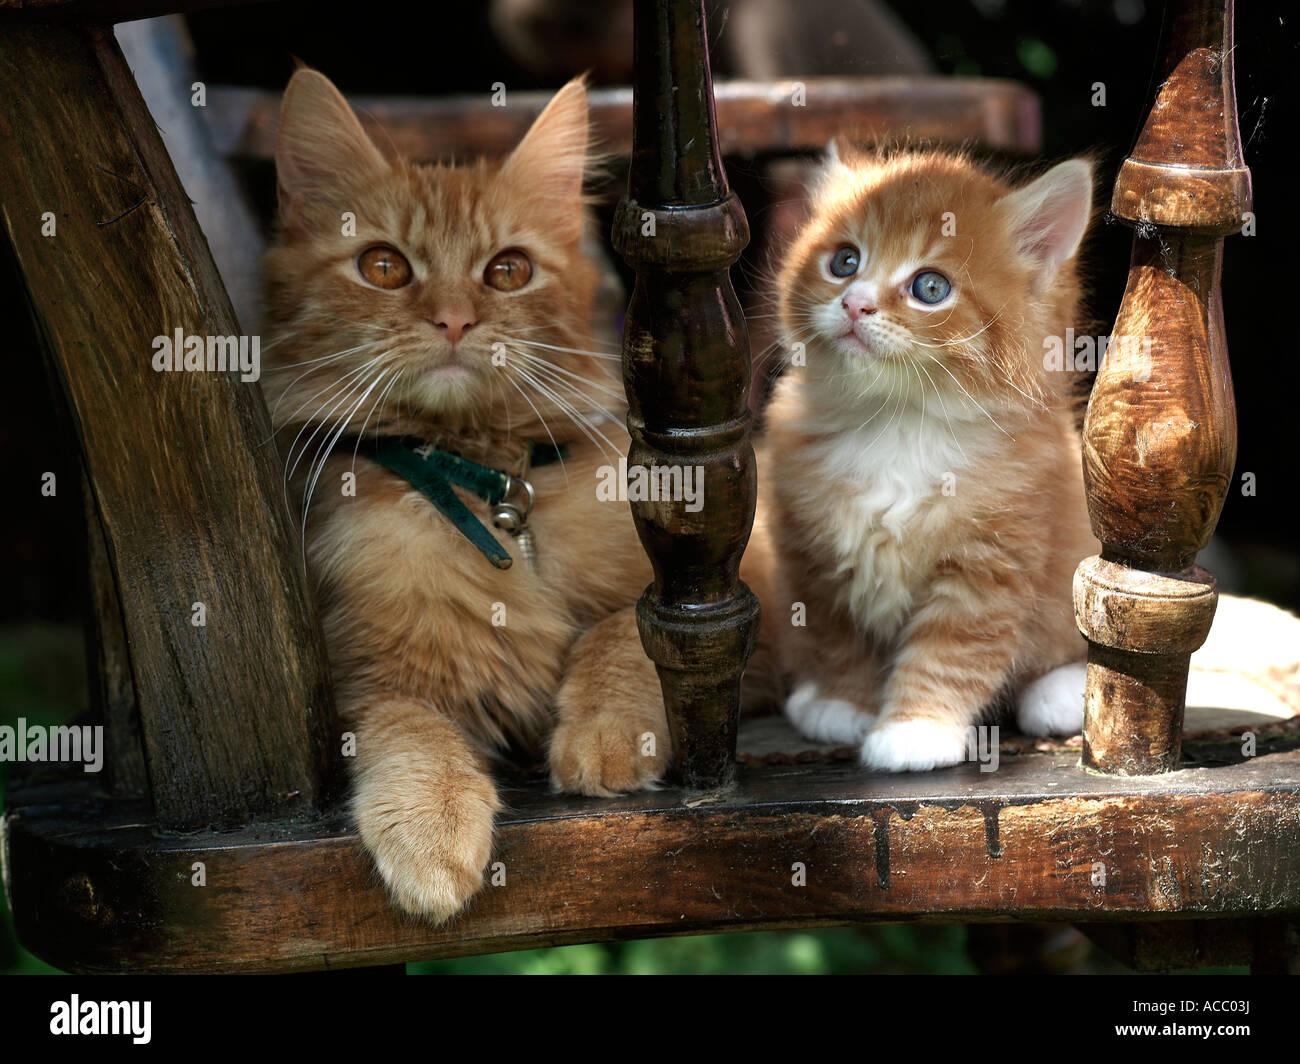 Un gattino e sua madre seduta su una sedia. Immagini Stock